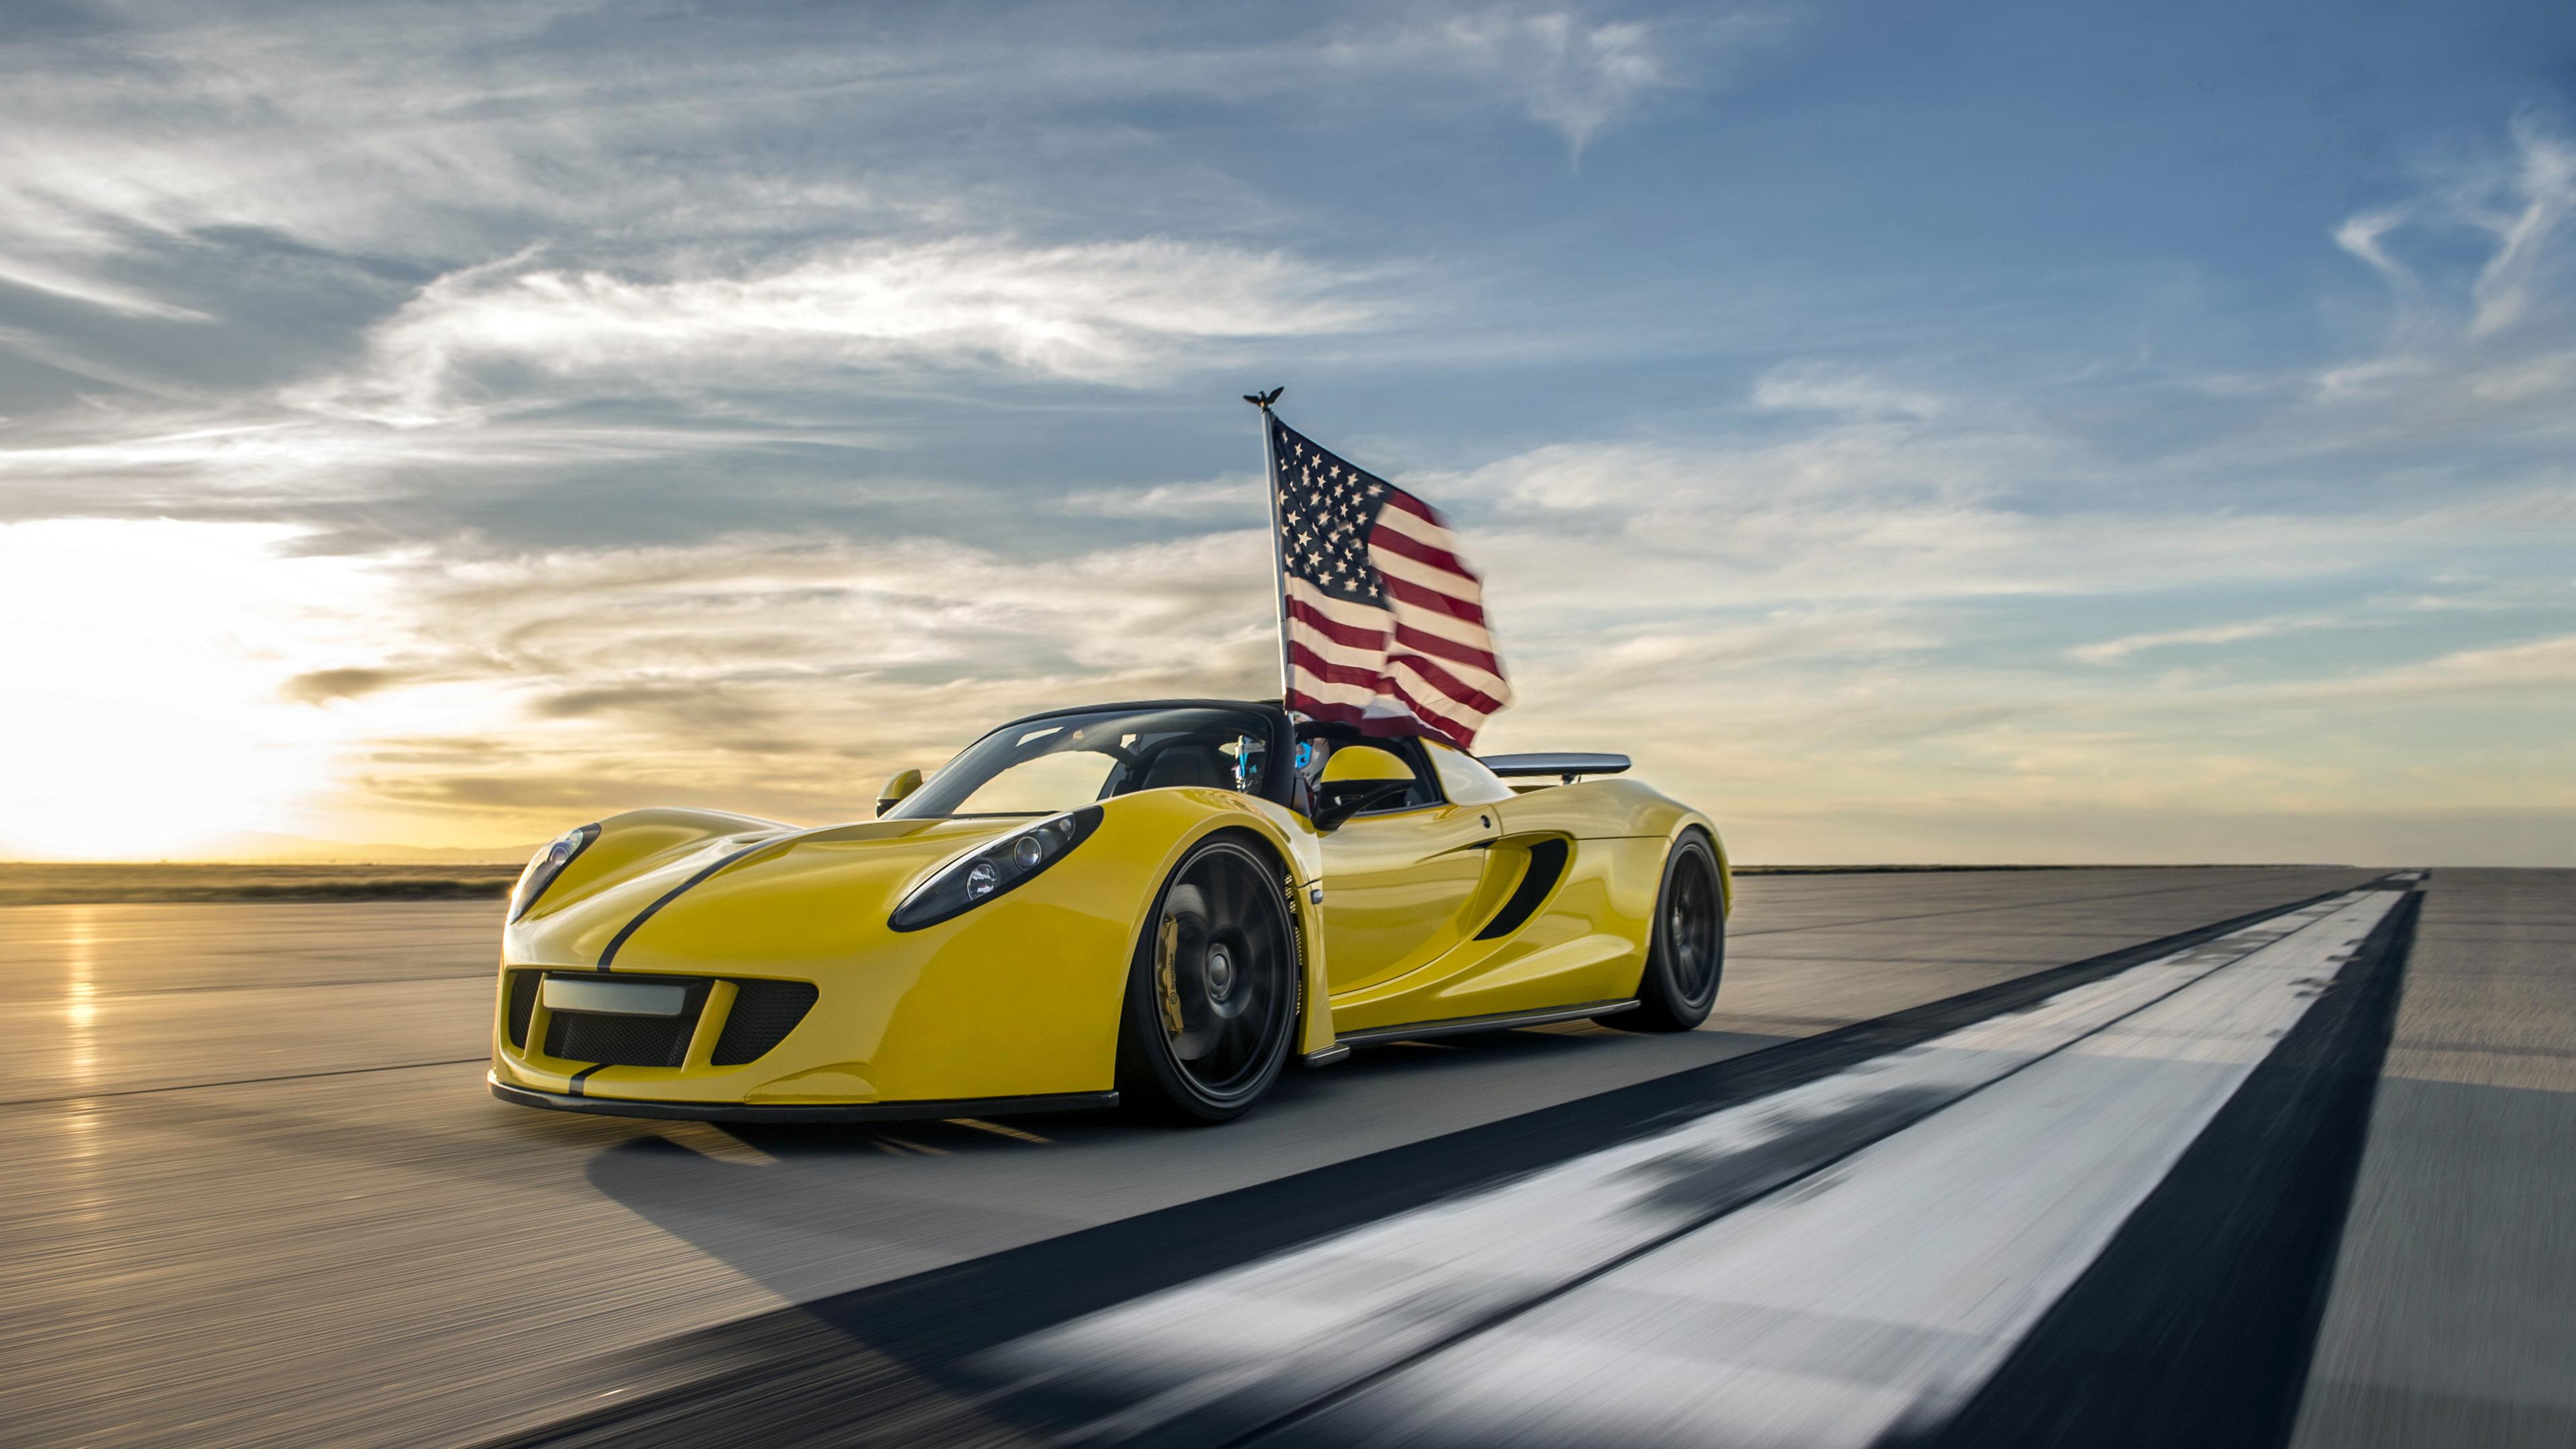 Wallpaper 4k Hennessey Venom Gt Spyder 4k 2017 Cars